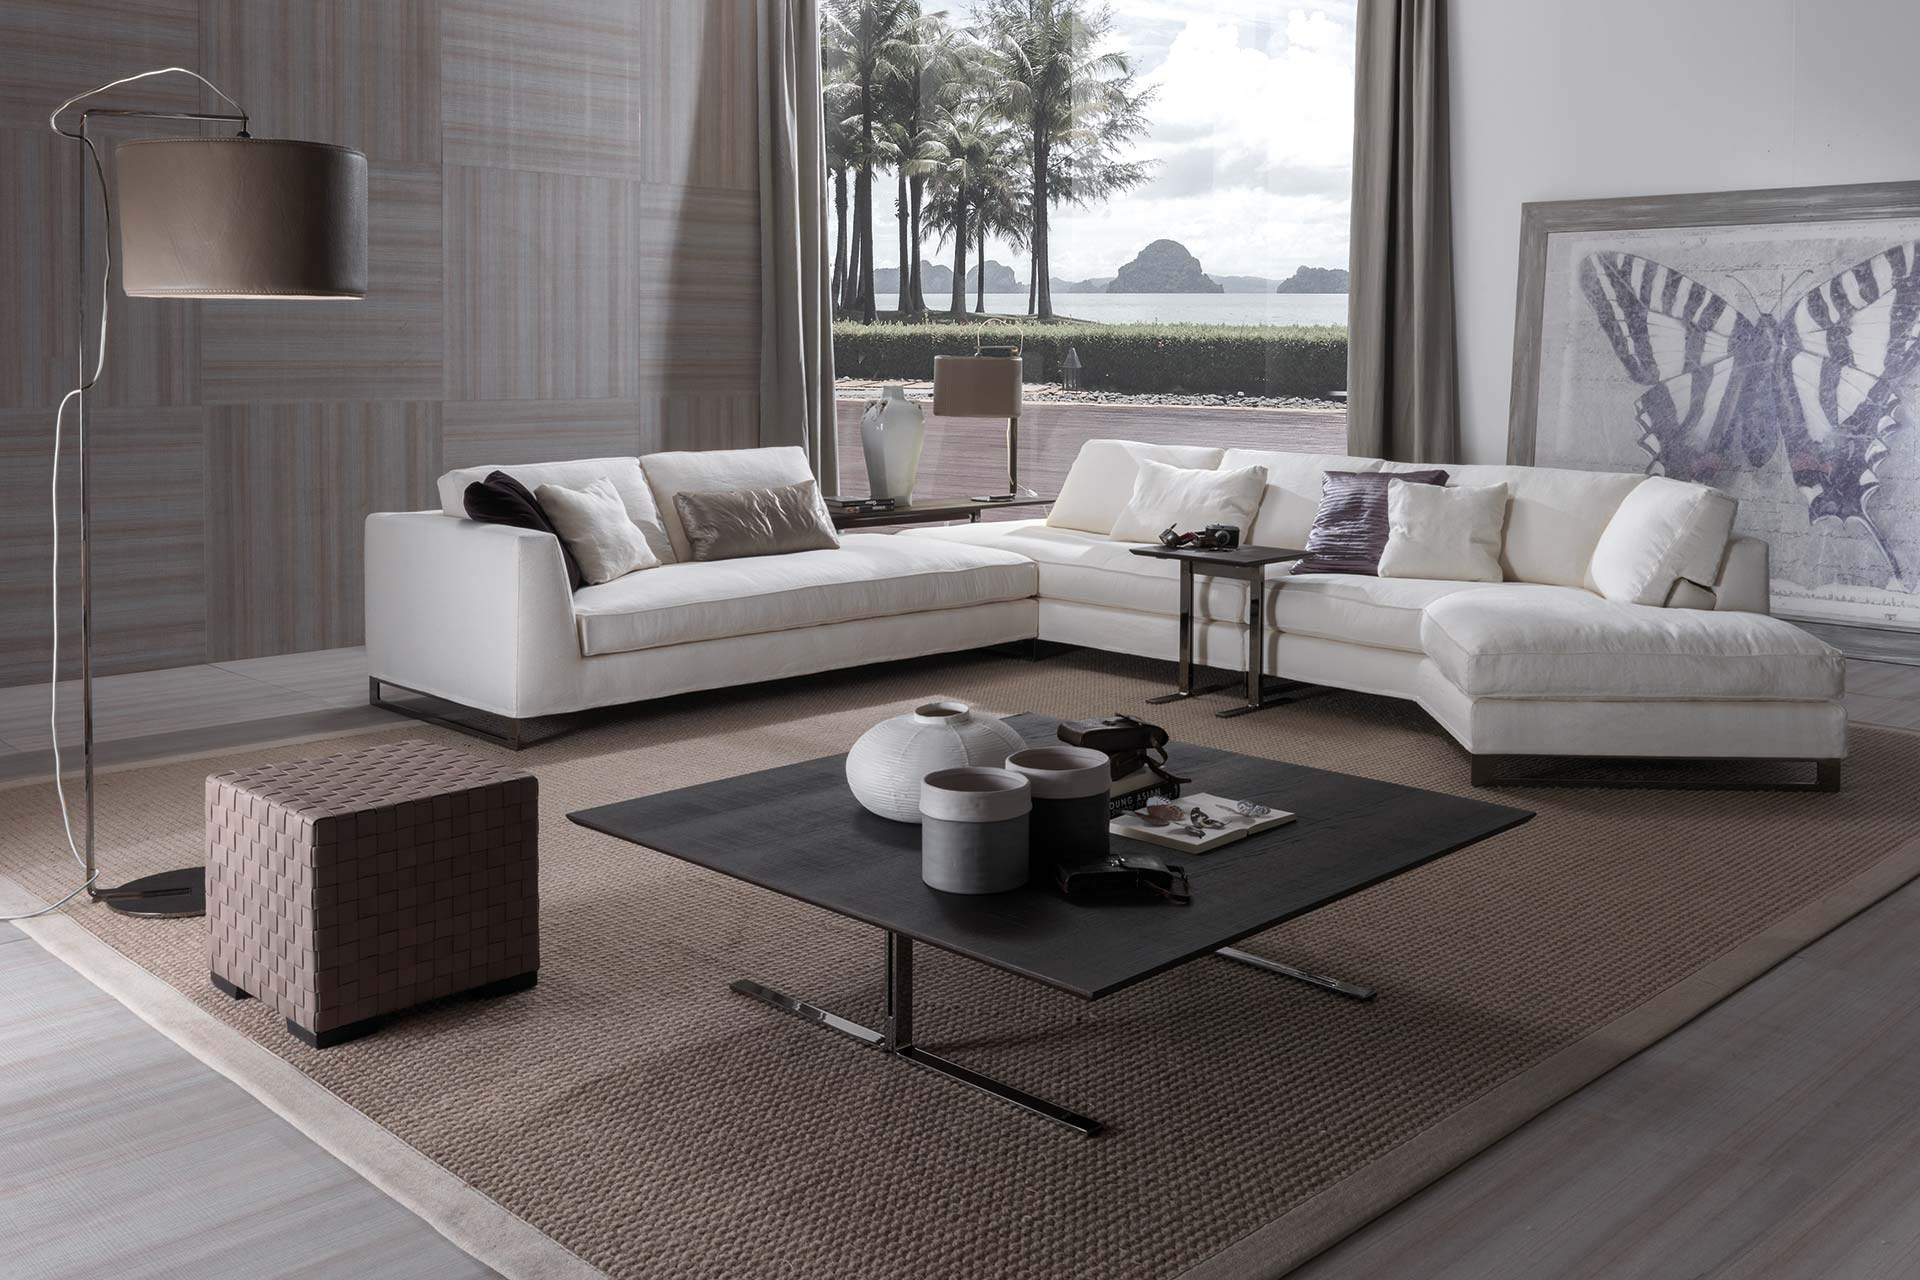 table basse bois fly. Black Bedroom Furniture Sets. Home Design Ideas